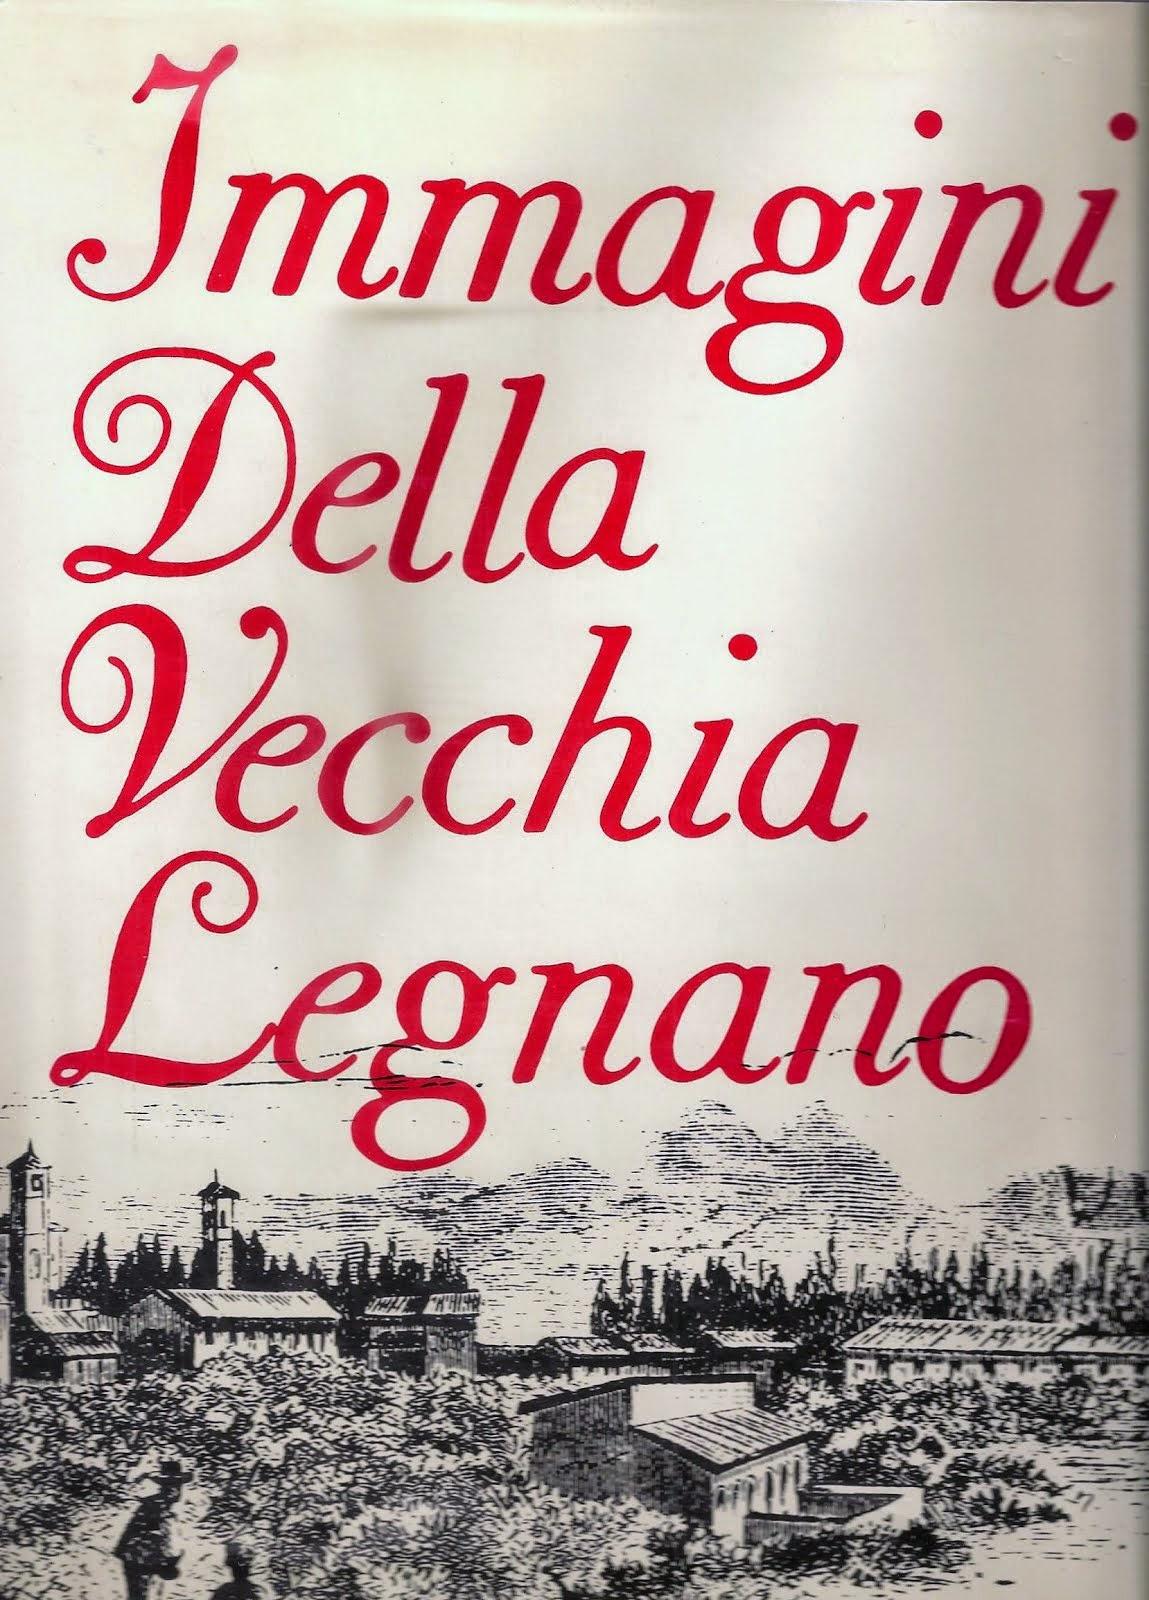 Immagini vecchia Legnano 1974